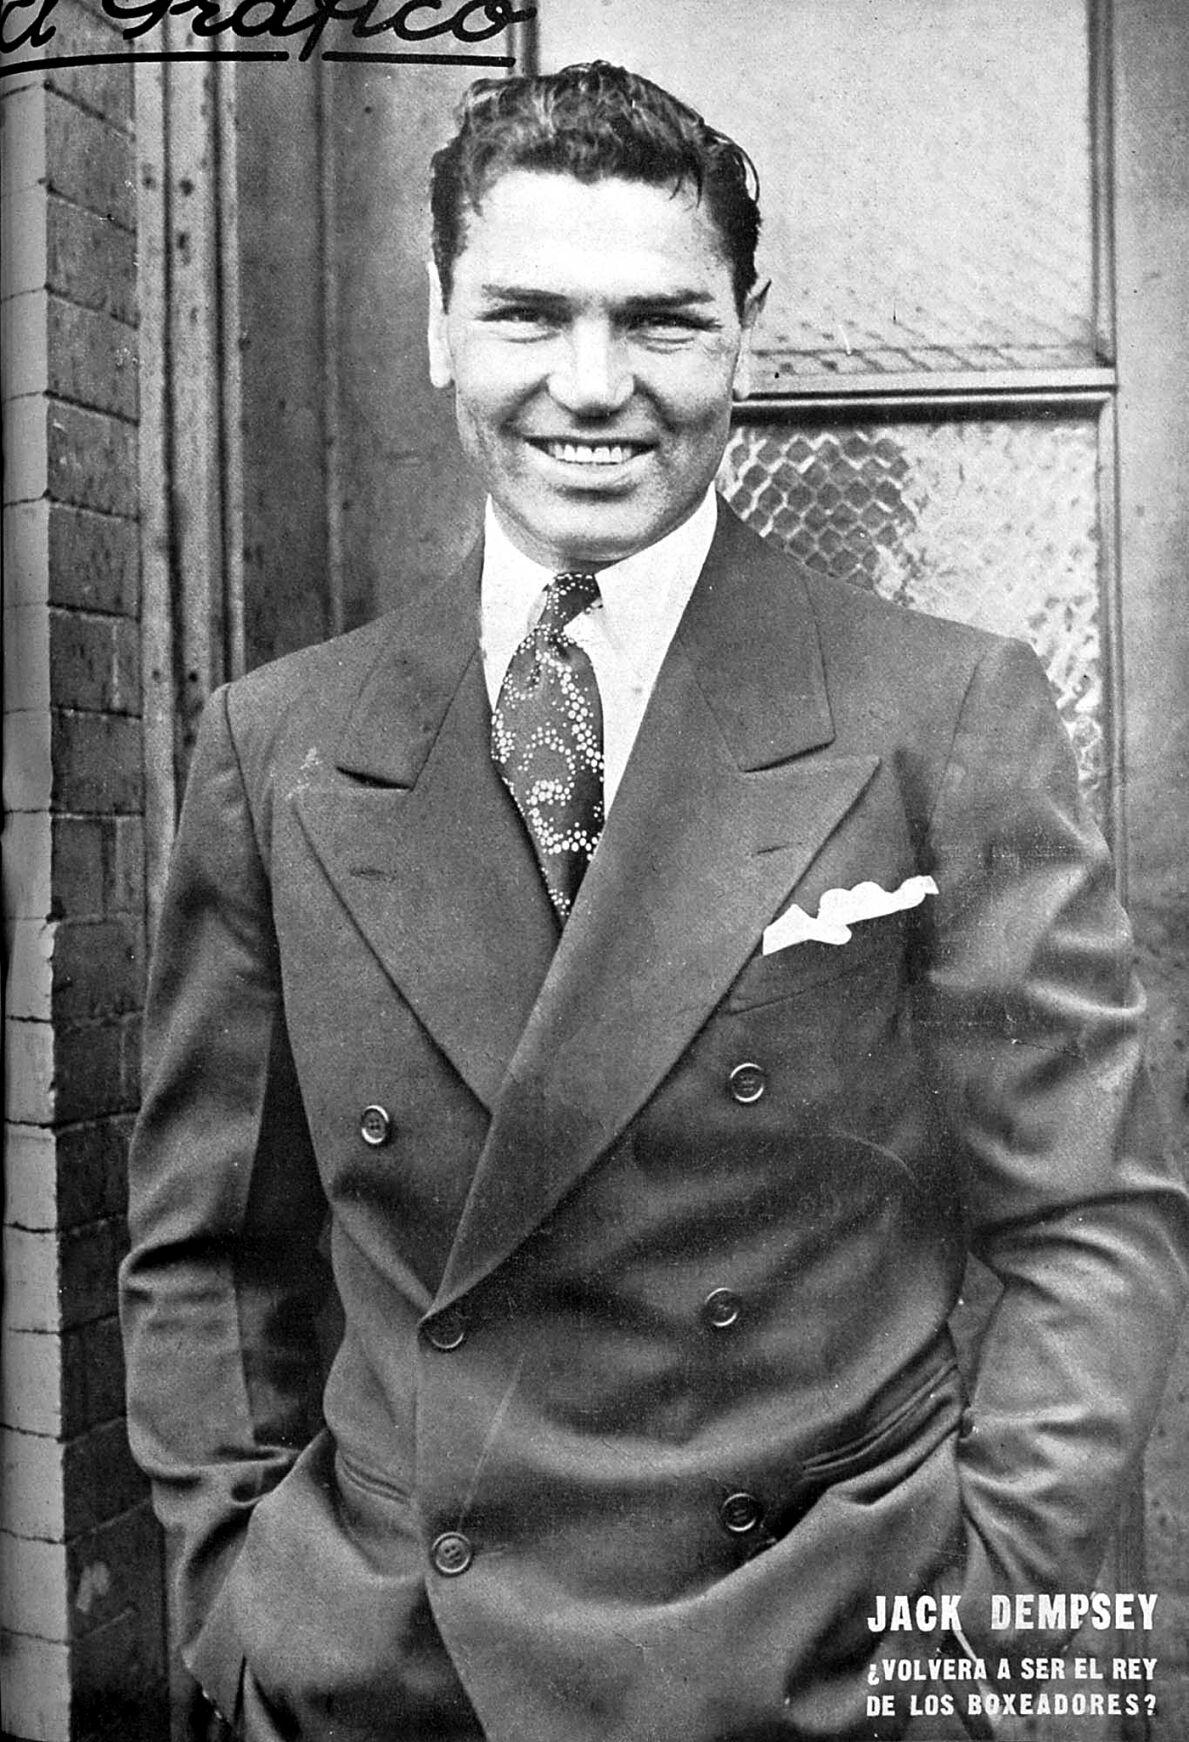 050121 Jack Dempsey El Gráfico 1927.jpg